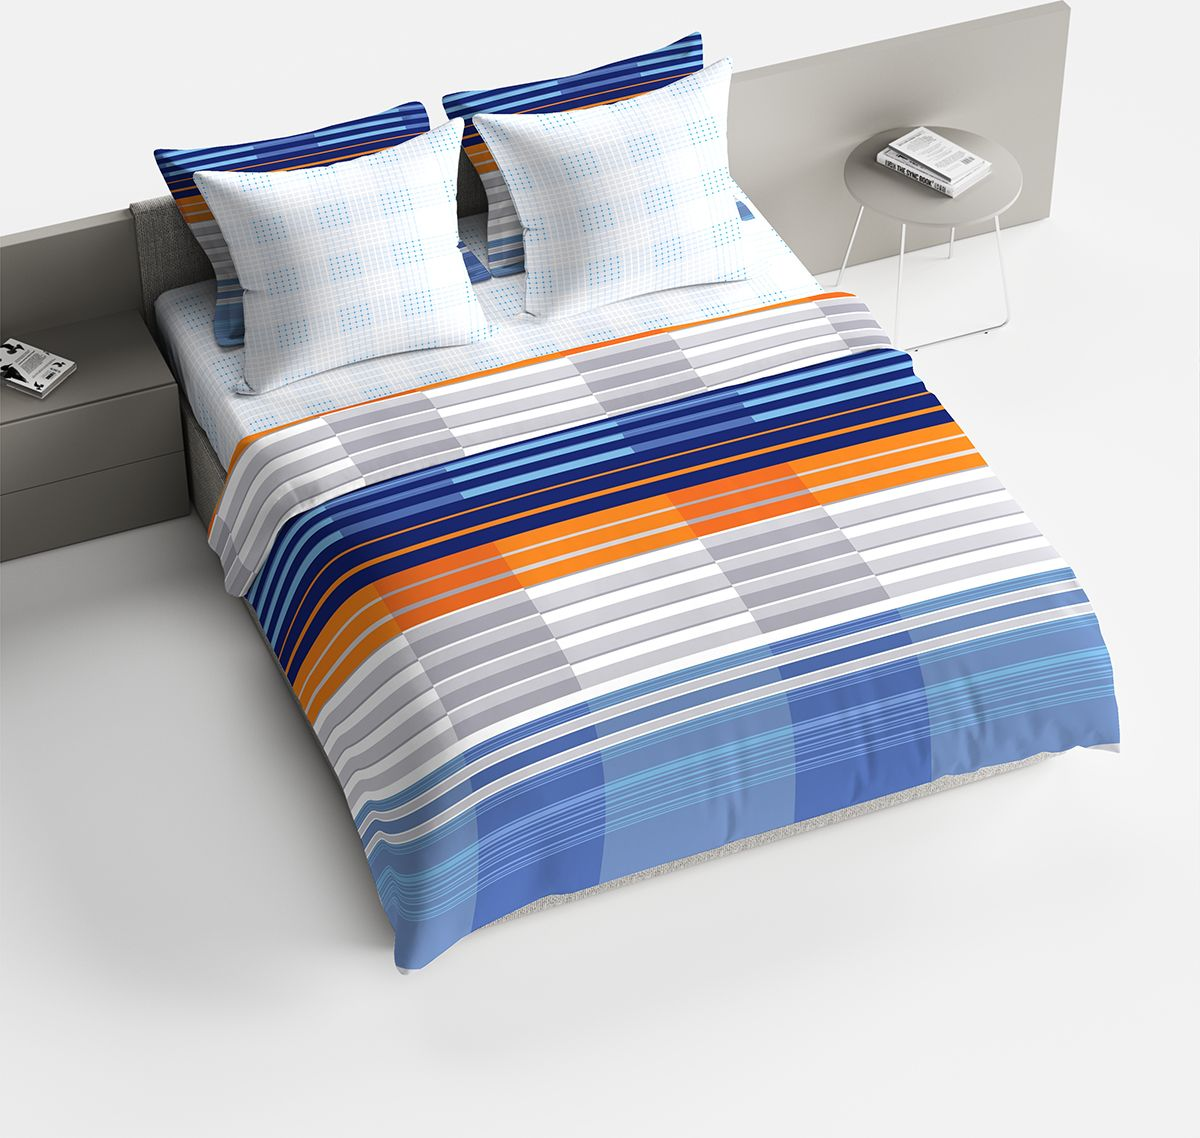 Комплект белья Браво Марино, 1,5-спальный, наволочки 70x70, цвет: синийPANTERA SPX-2RSПостельное белье коллекции Bravo изготавливается из ткани Lux Cotton (высококачественный импортный поплин), сотканной из длинноволокнистого египетского хлопка, создано специально для людей с оригинальным вкусом, предпочитающим современные решения в интерьере. В процессе производства применяются только стойкие и экологически чистые красители, поэтому это белье можно использовать и для детей. Обновленная стильная упаковка делает этот комплект отличным подарком.